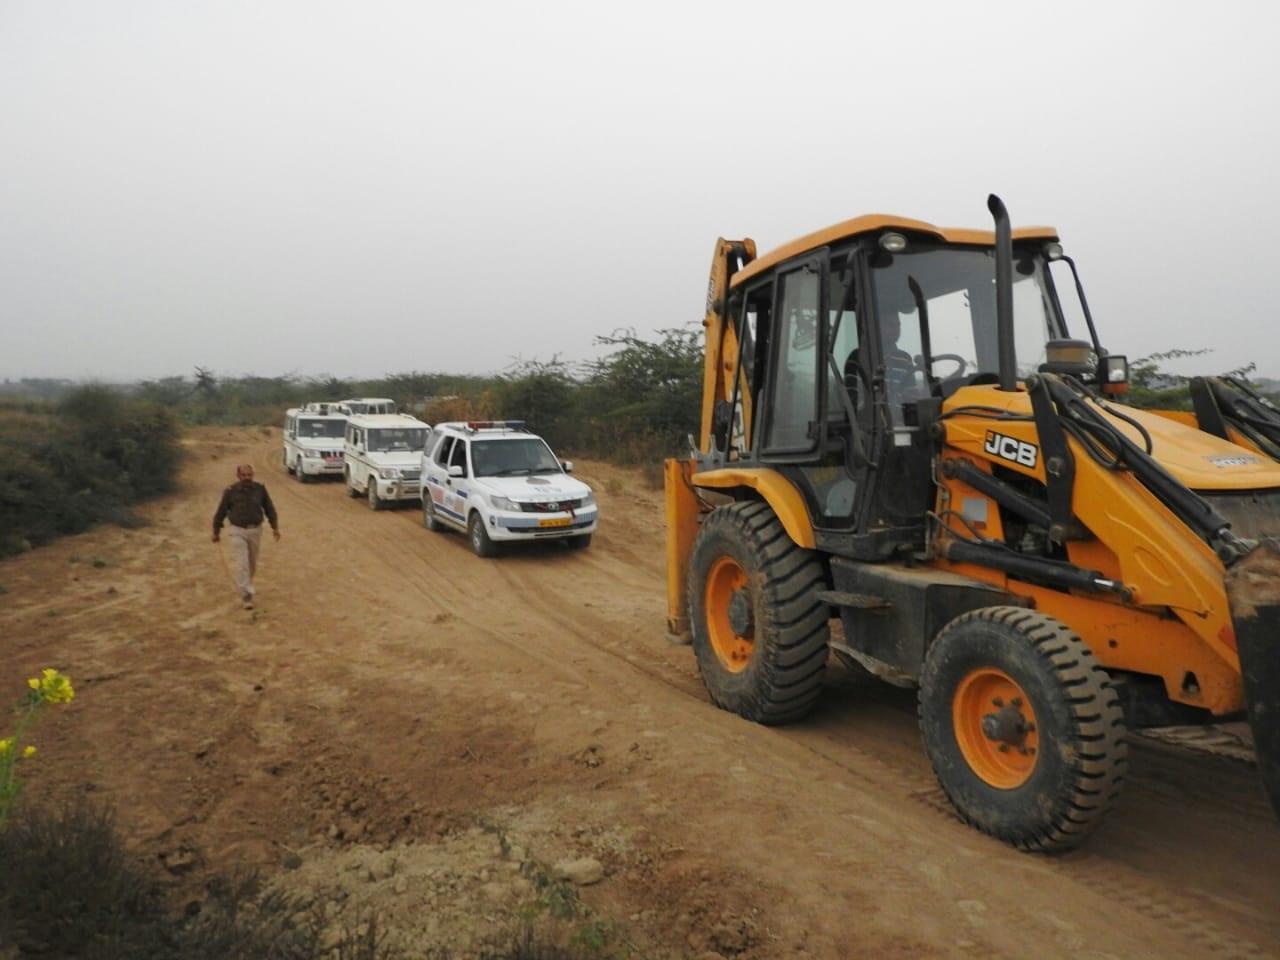 अधिकारियों को कानोंकान खबर नहीं, रेत माफिया ने सरकारी जमीन से निकाल दिए रास्ते